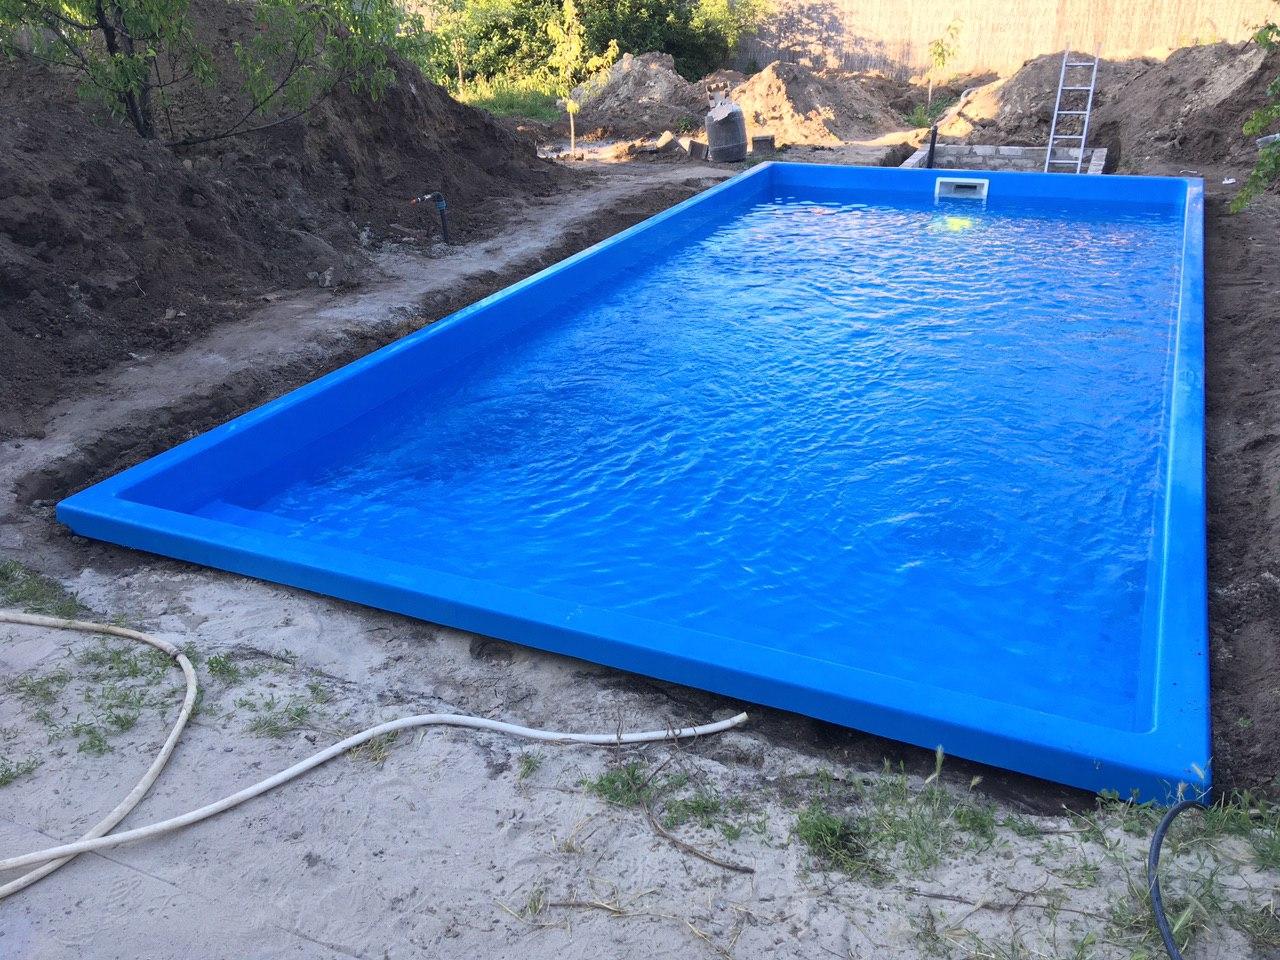 Композітний бассейн реії Оазс 7,6 метрів в мисти Дніпро